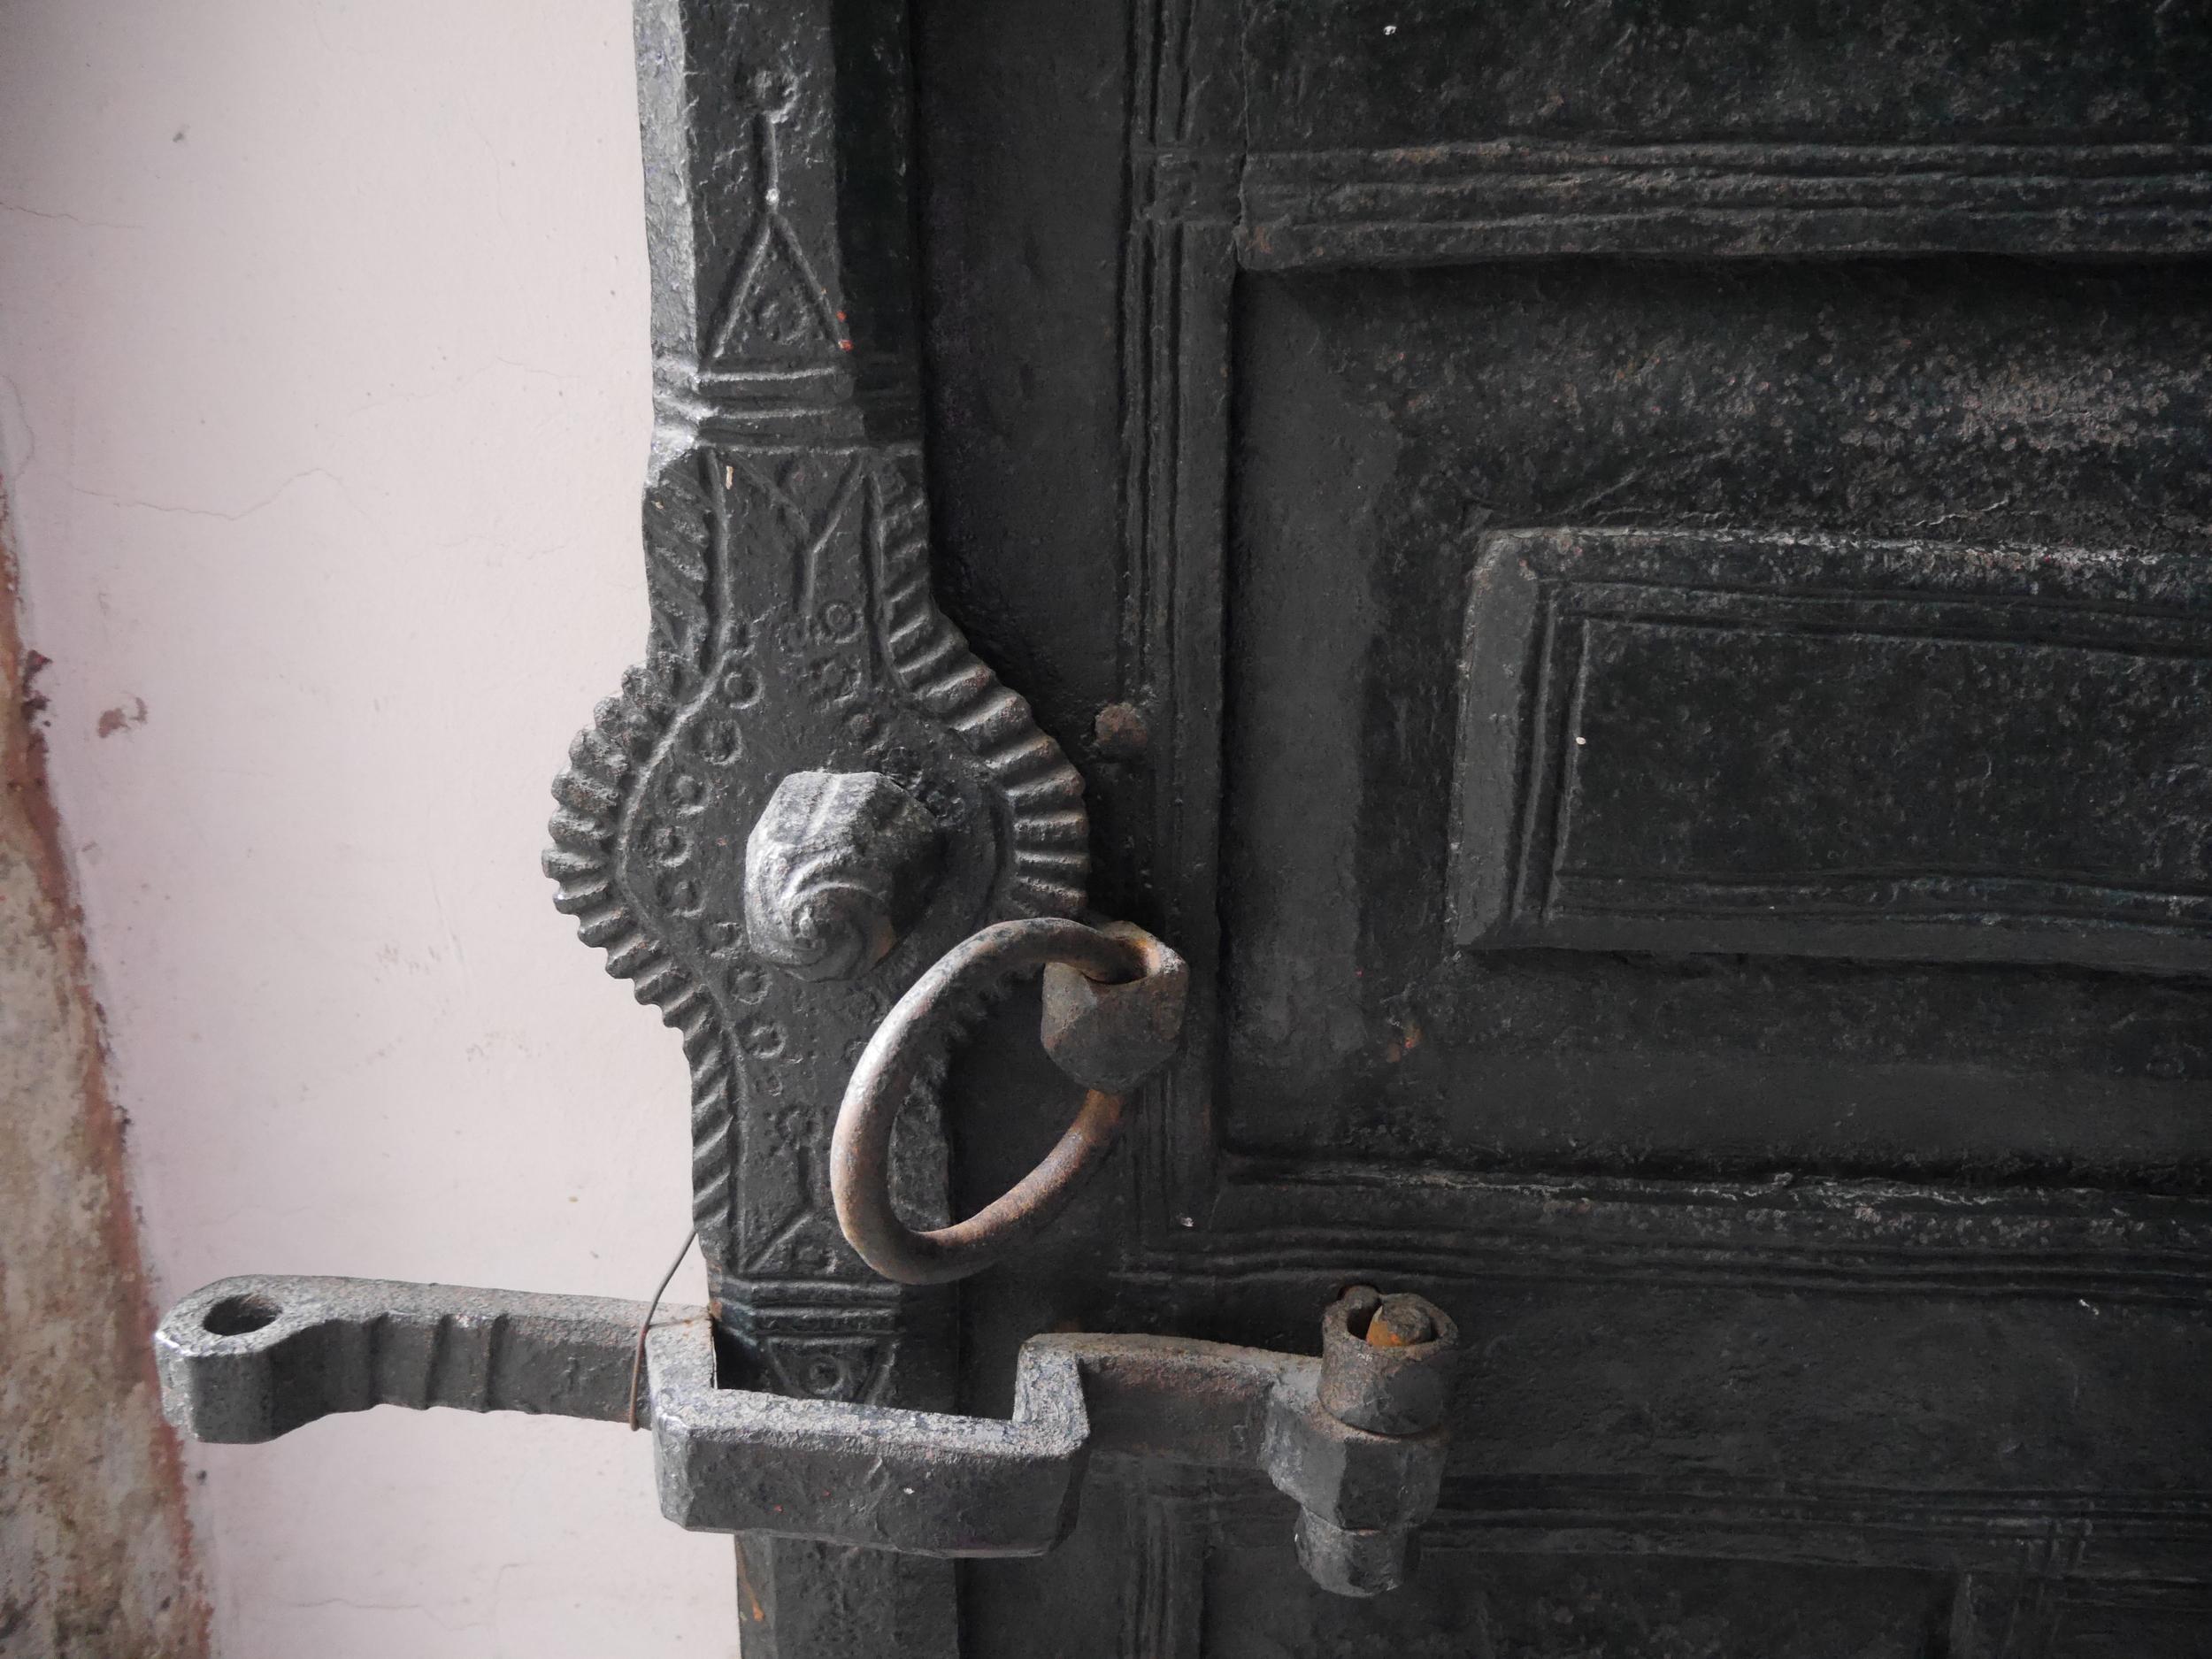 A cool door handle.